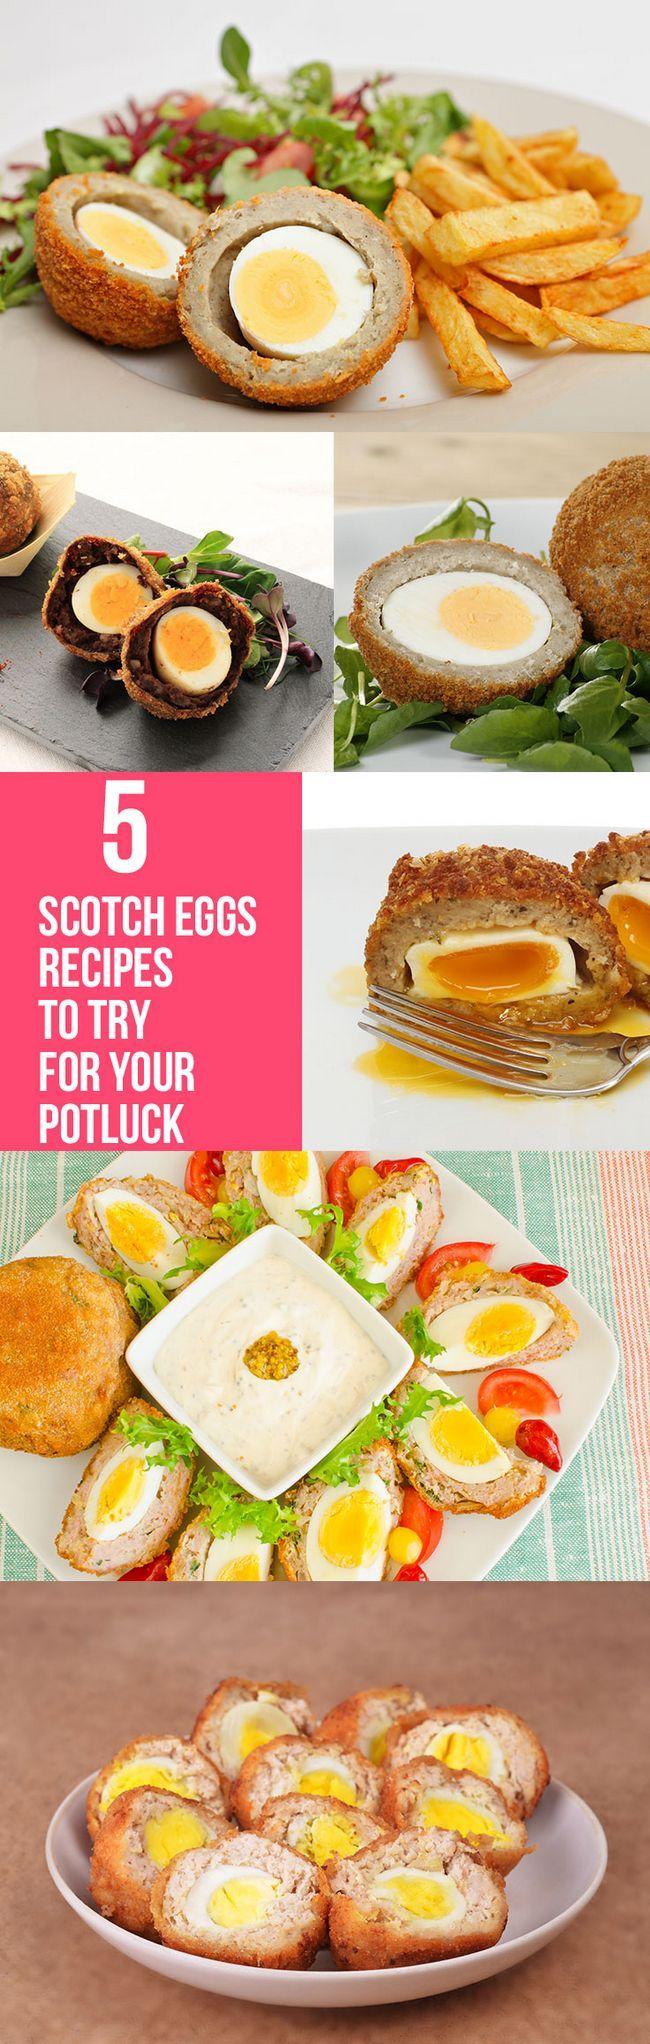 Top 5 des recettes d`œufs de scotch pour essayer pour votre repas-partage